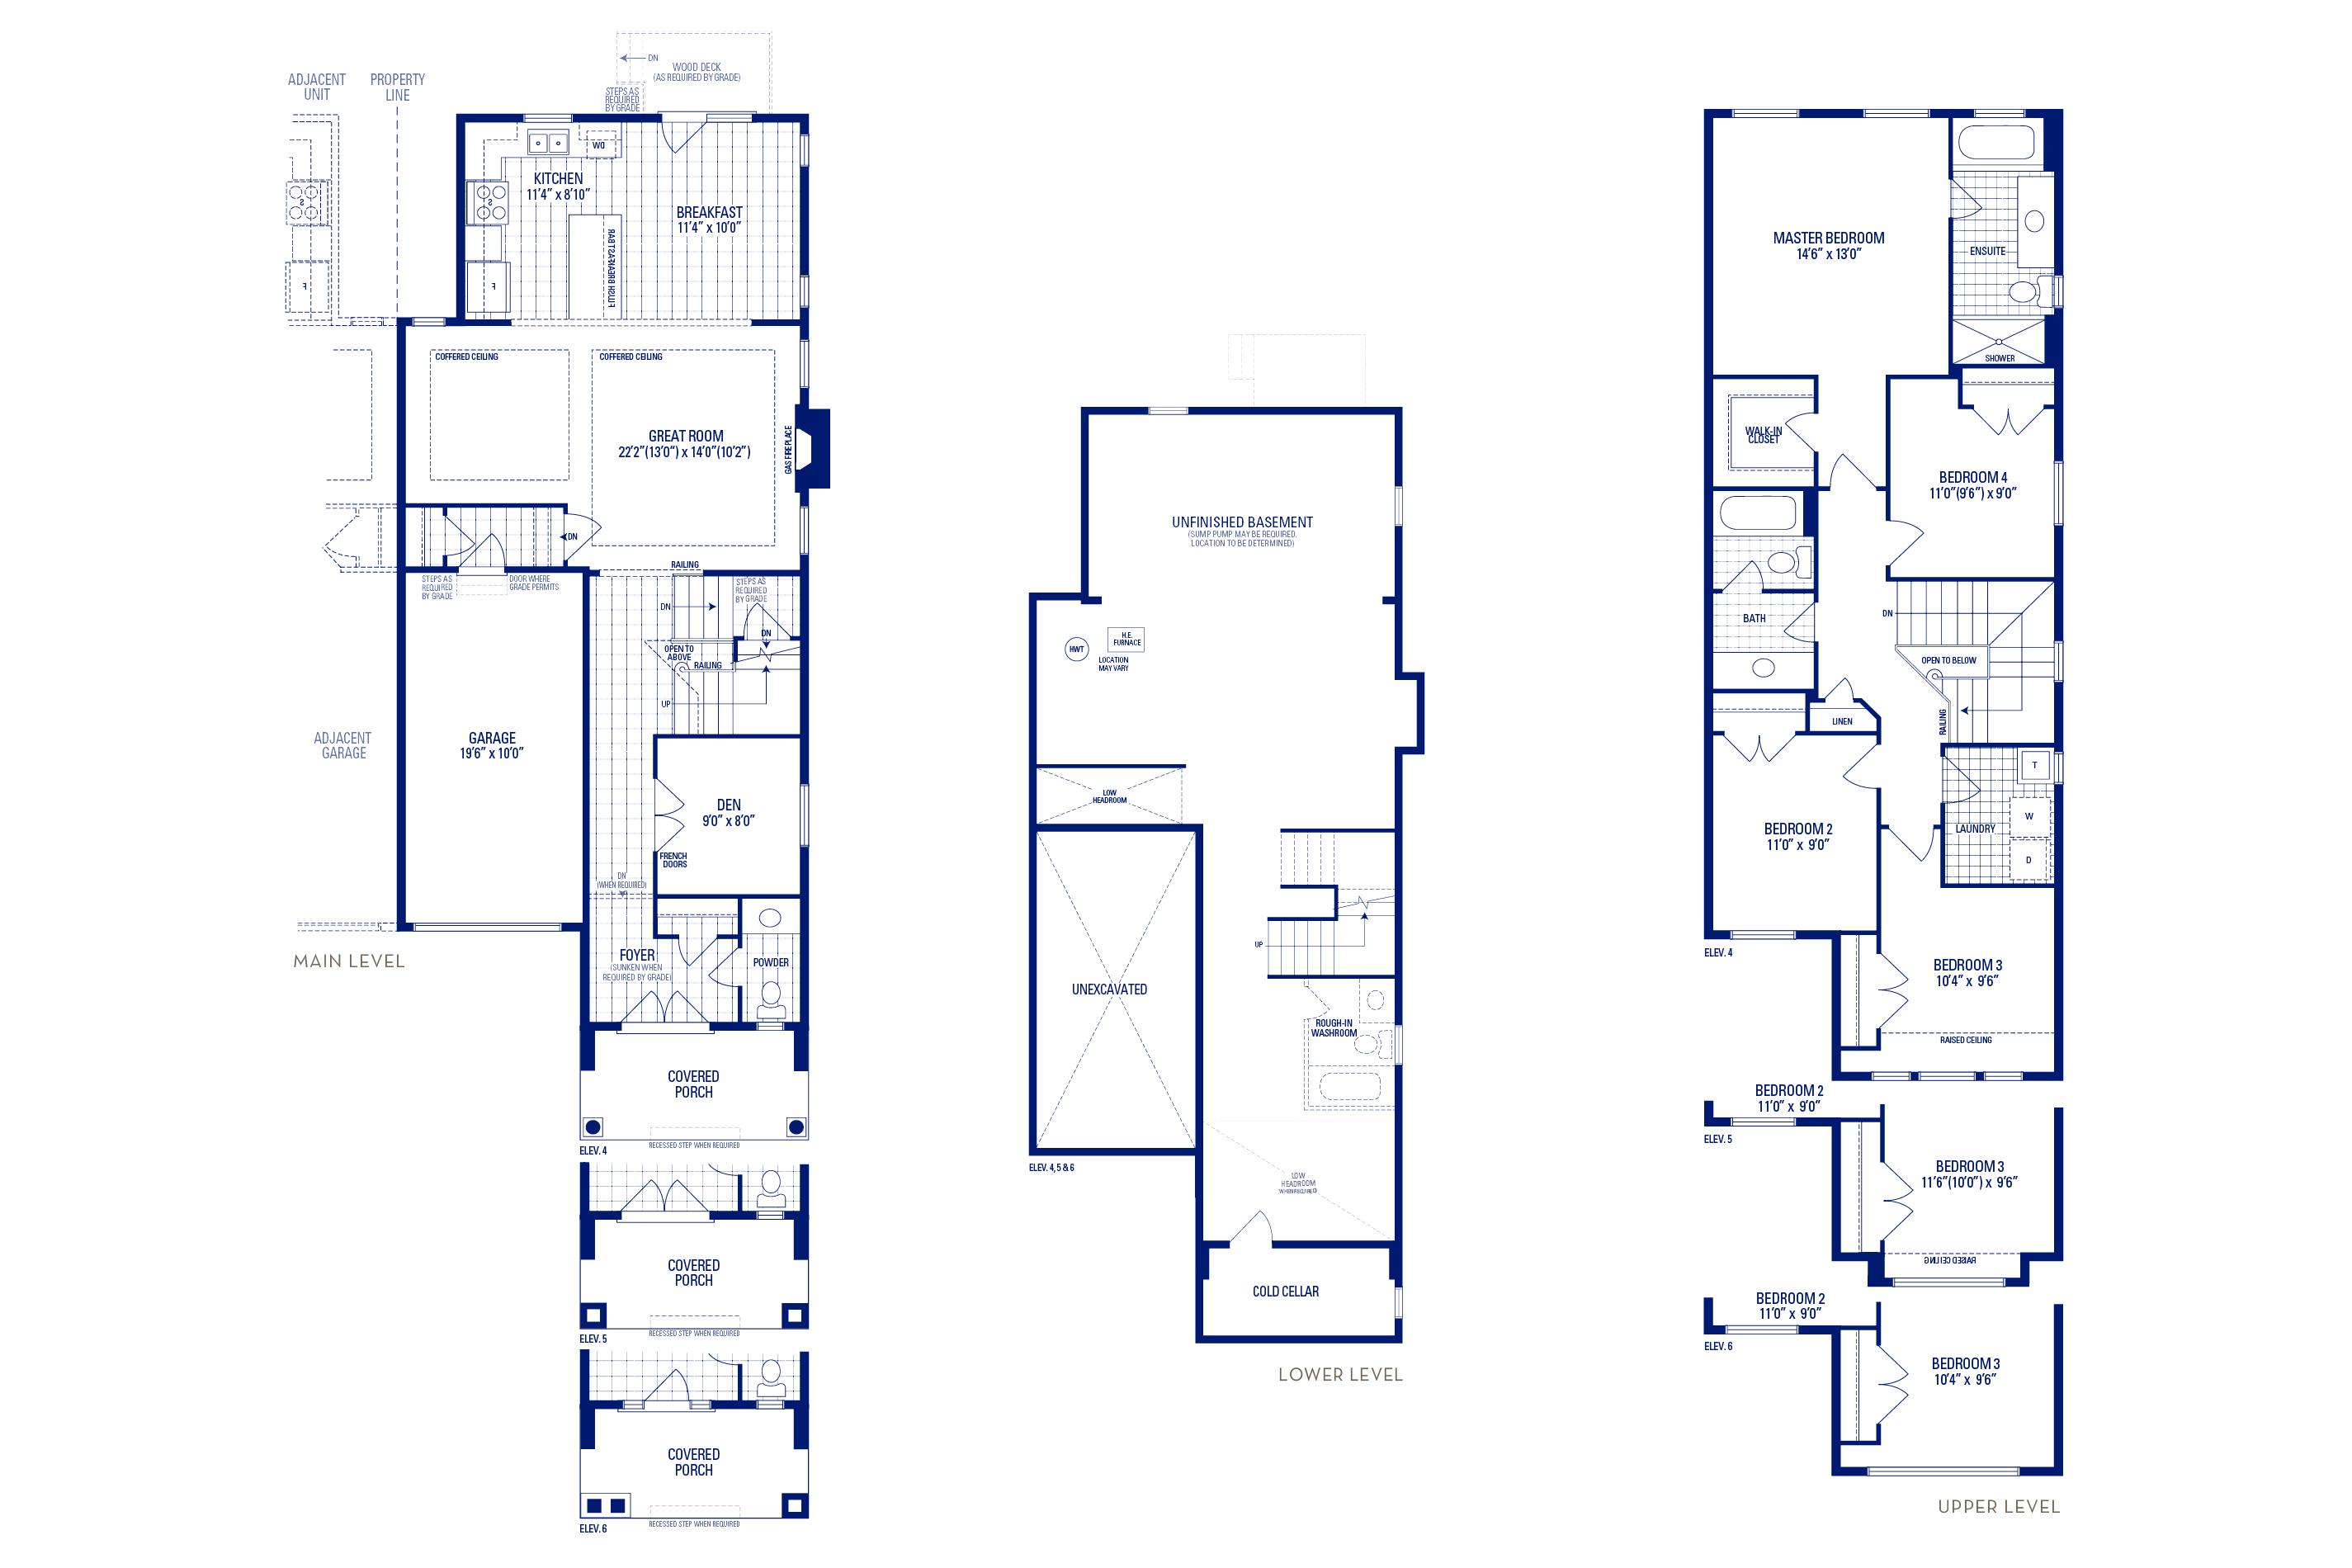 Newberry 2 Elev. 4 Floorplan Thumbnail